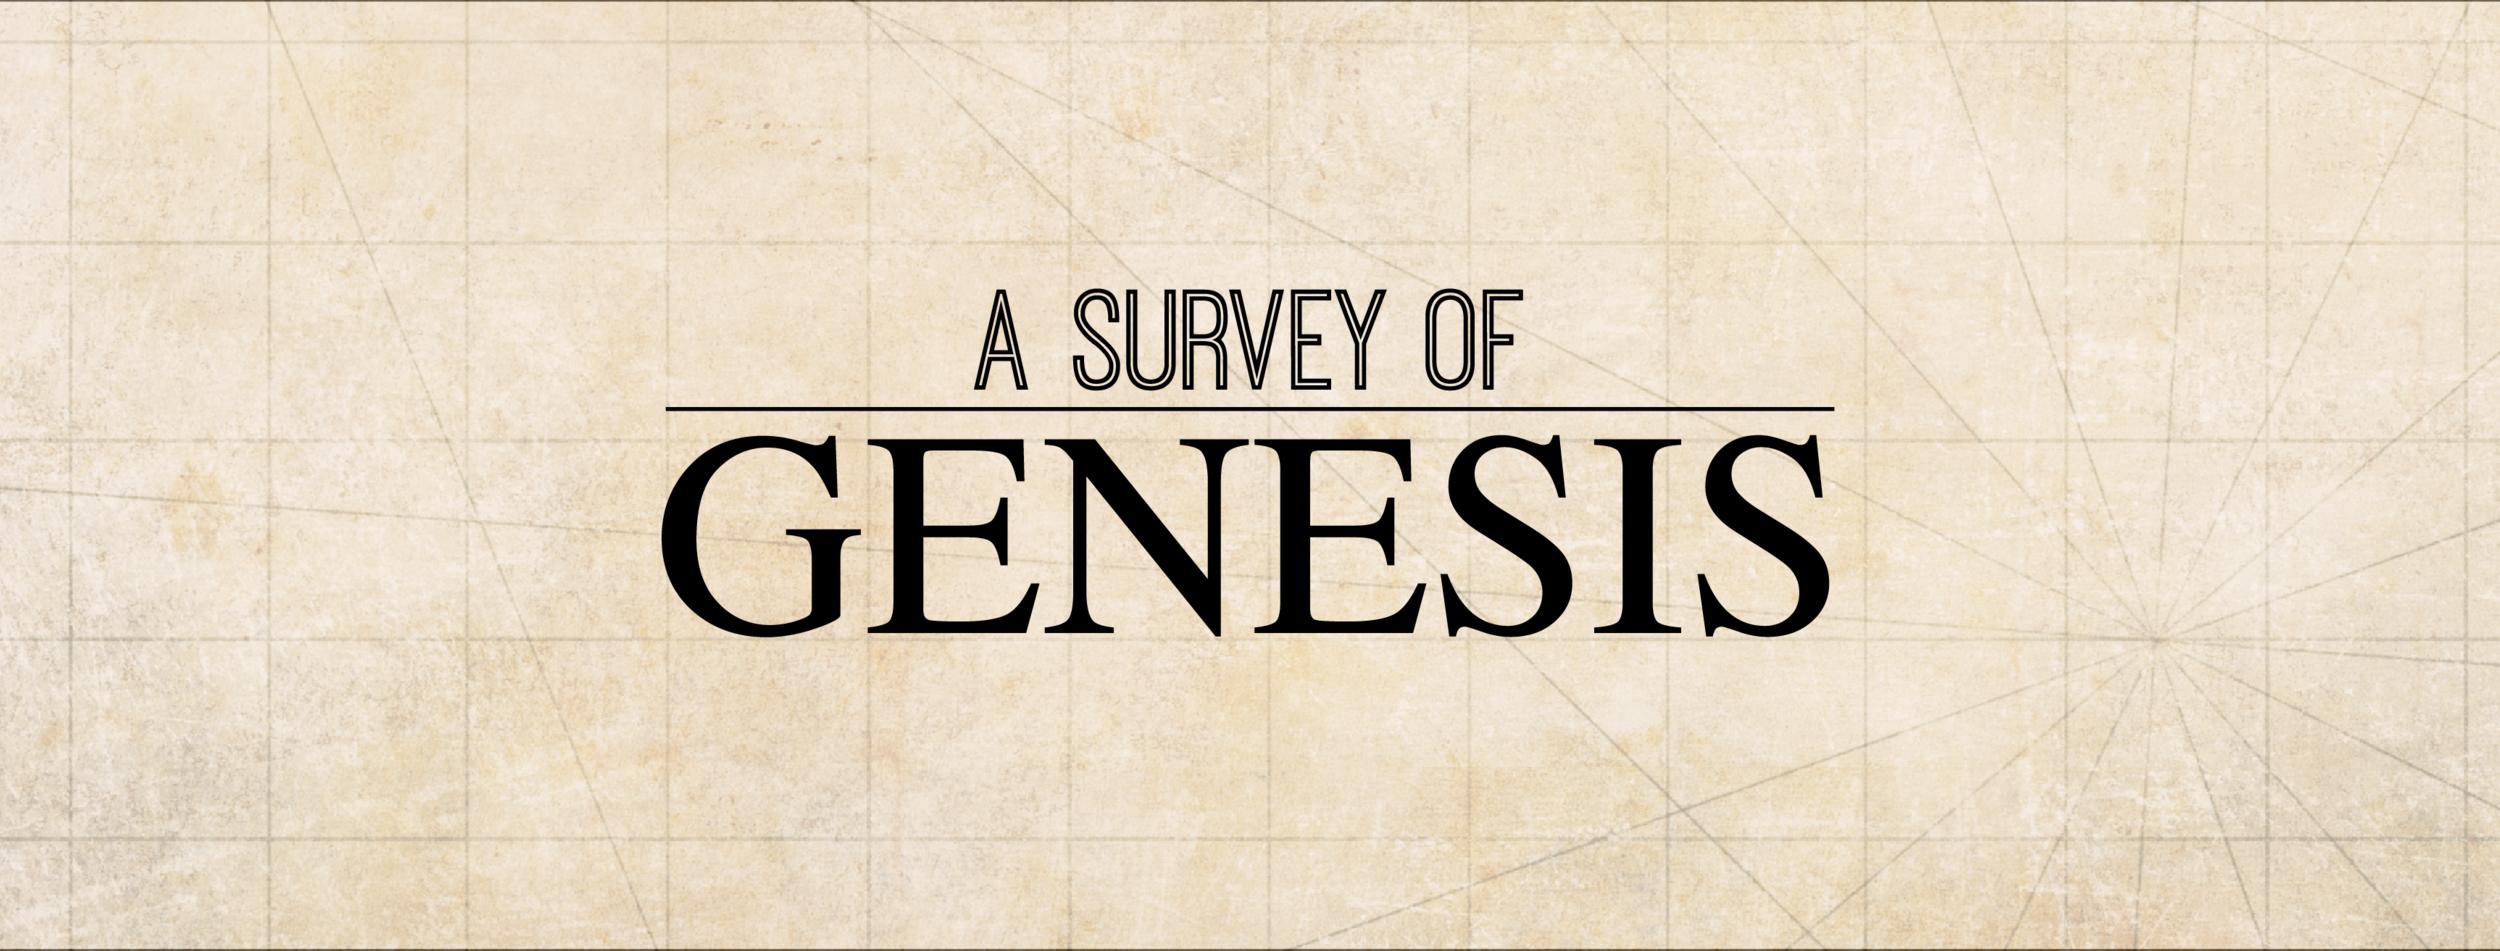 GenesisSquare-01.png